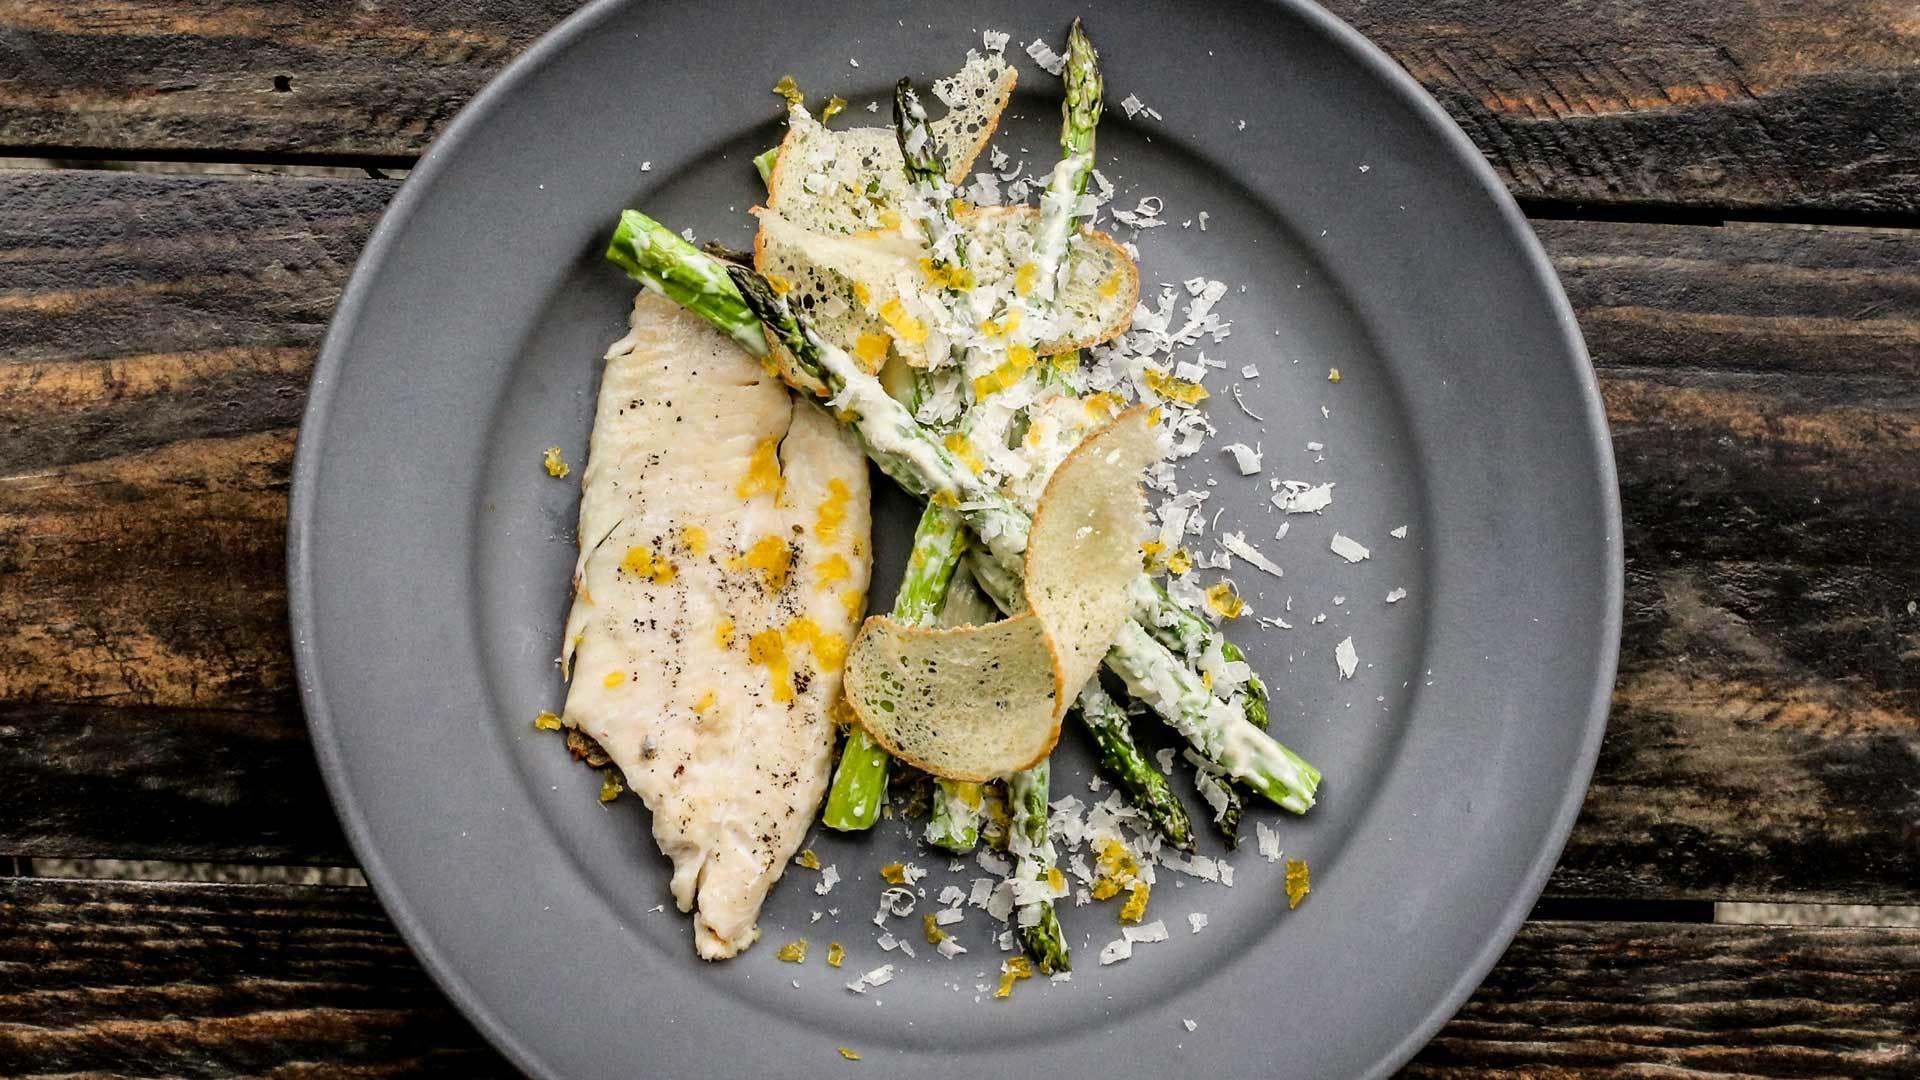 Roasted asparagus ceasar web2